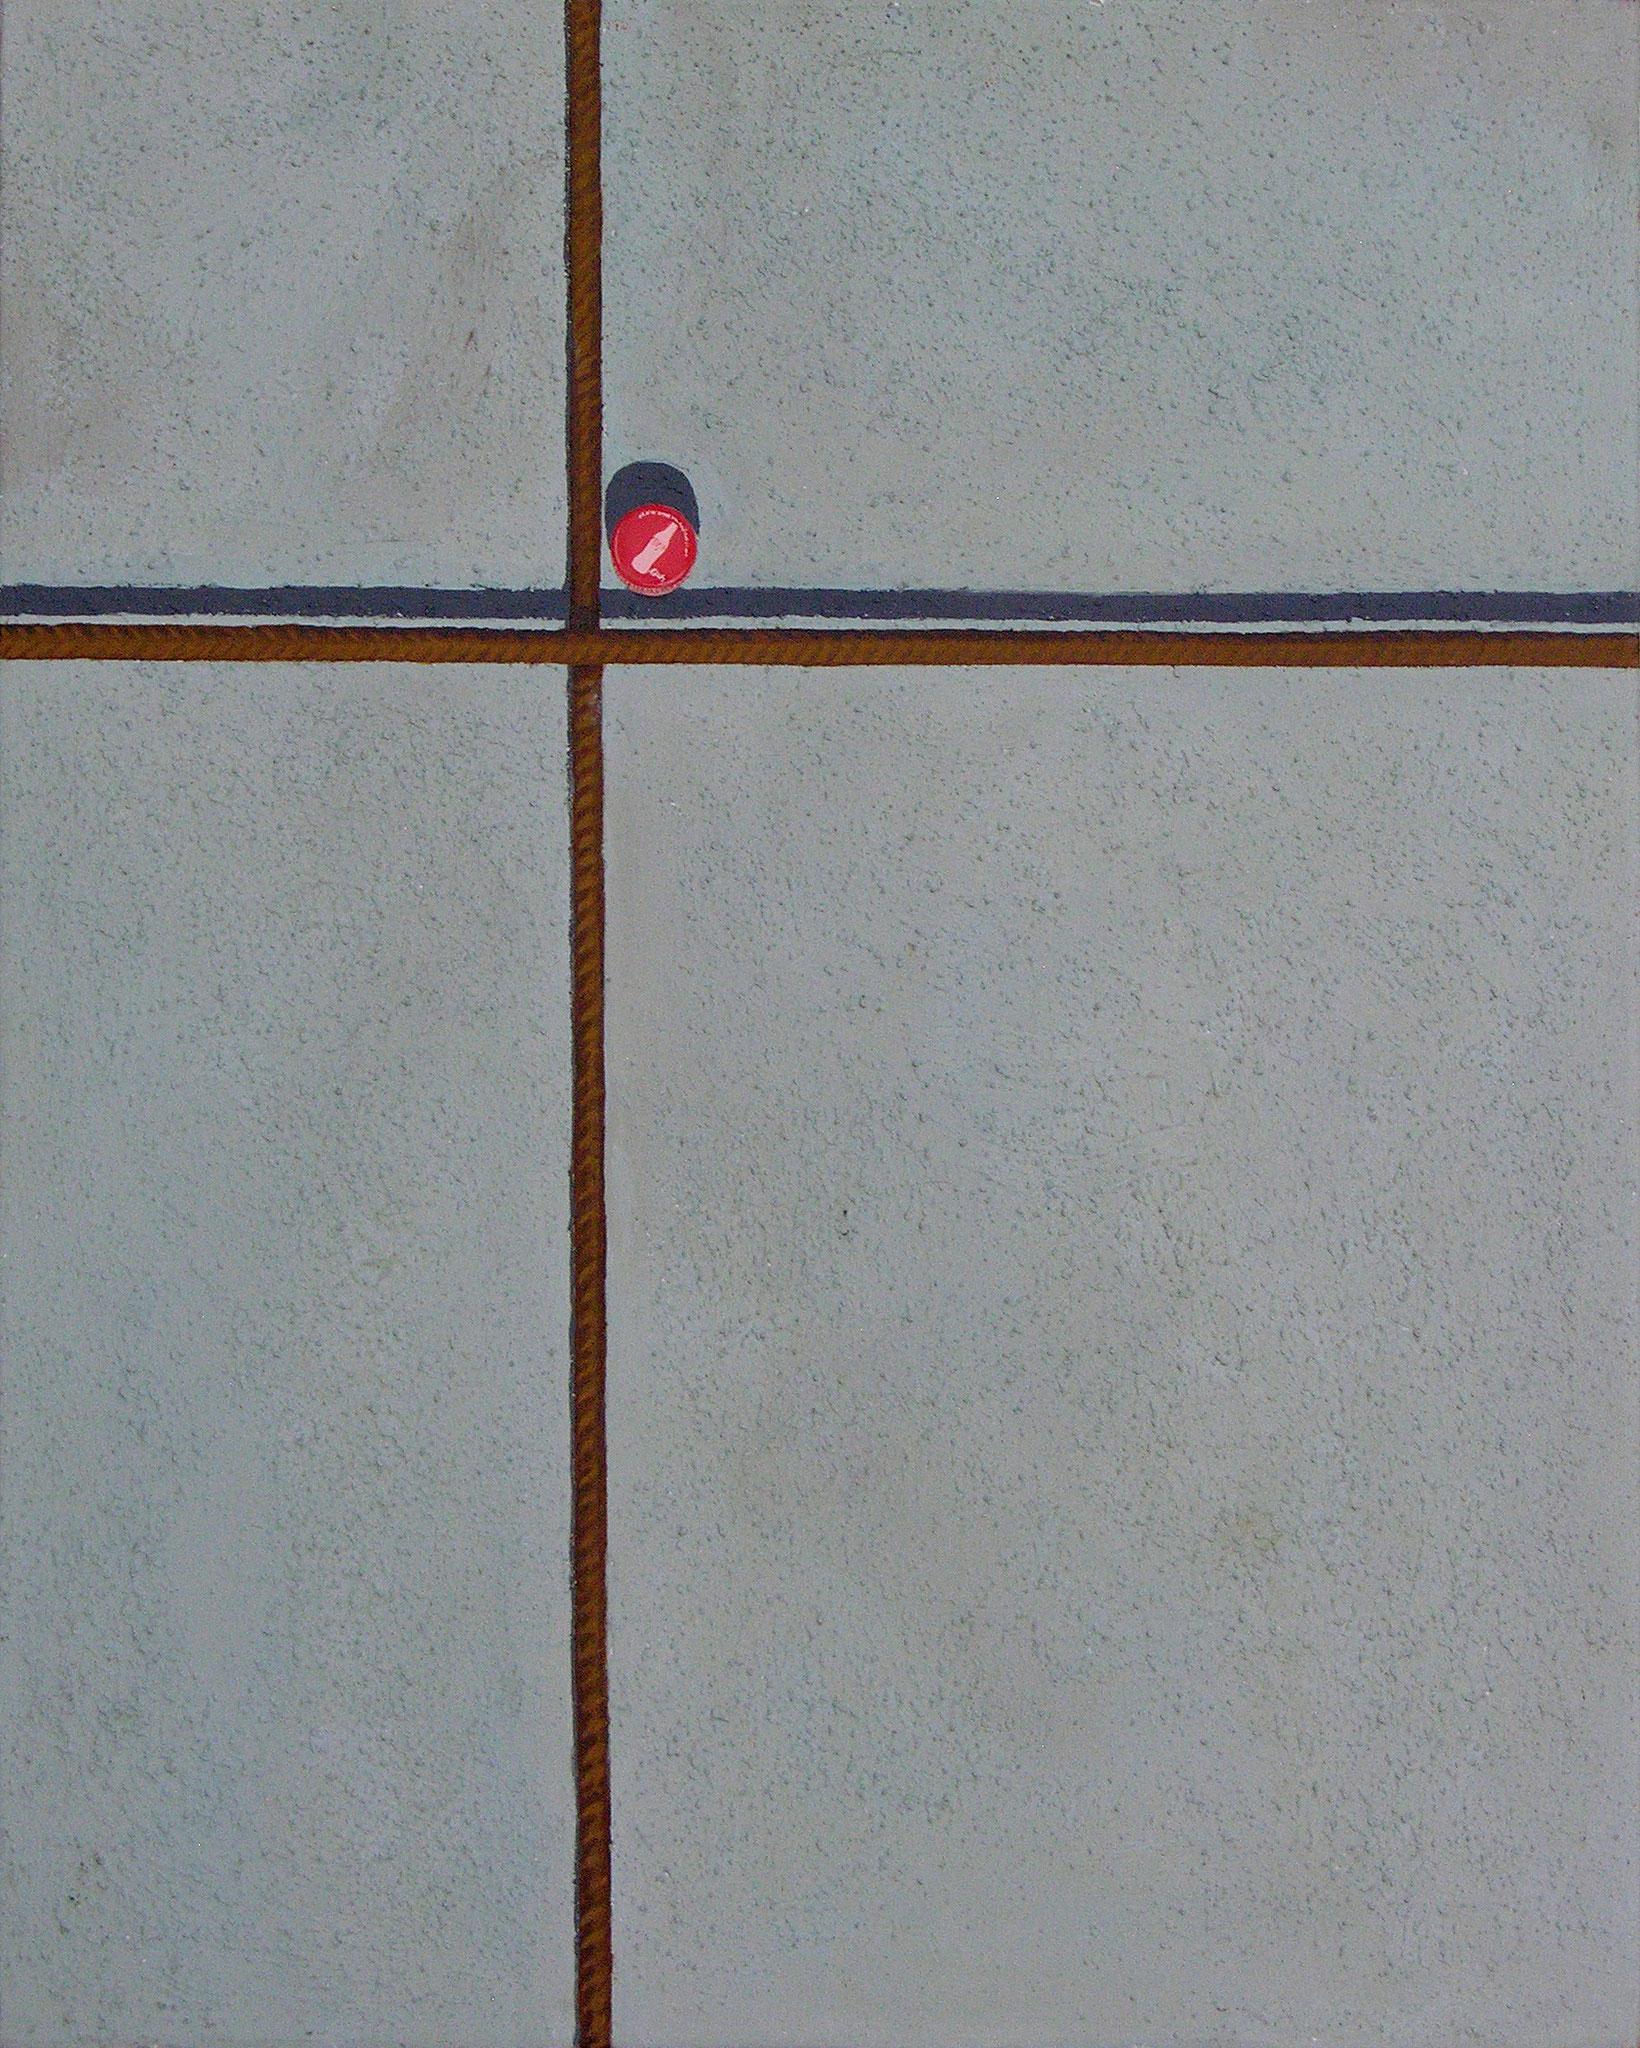 Acrylic on canvas, 81 x 100 cm, 2010